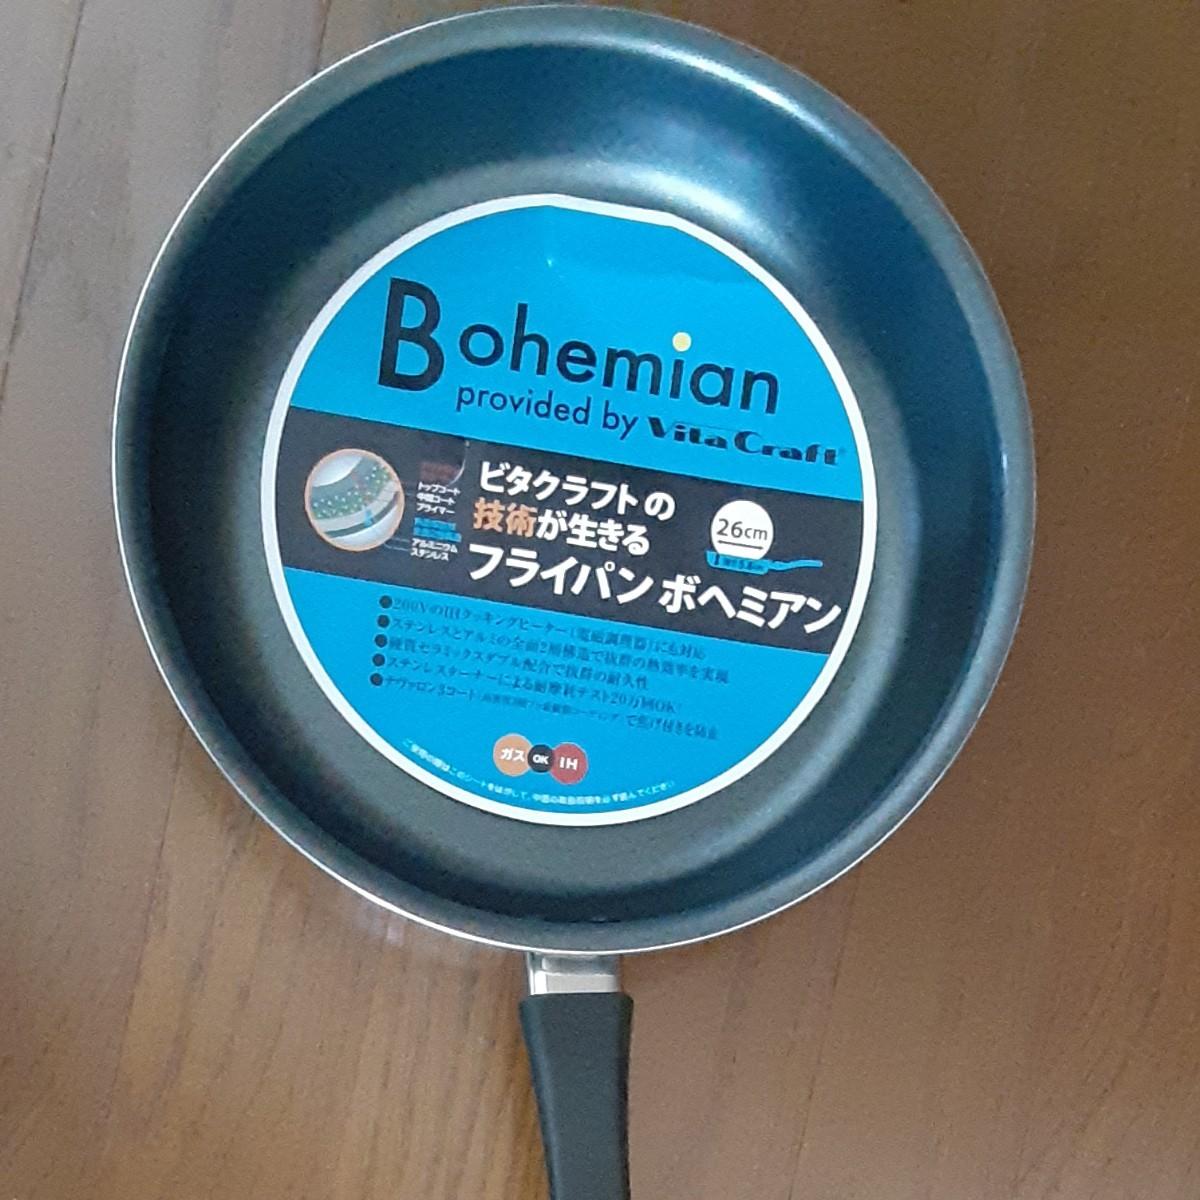 VitaCraft  IH対応 フライパン ボヘミアン 26cm